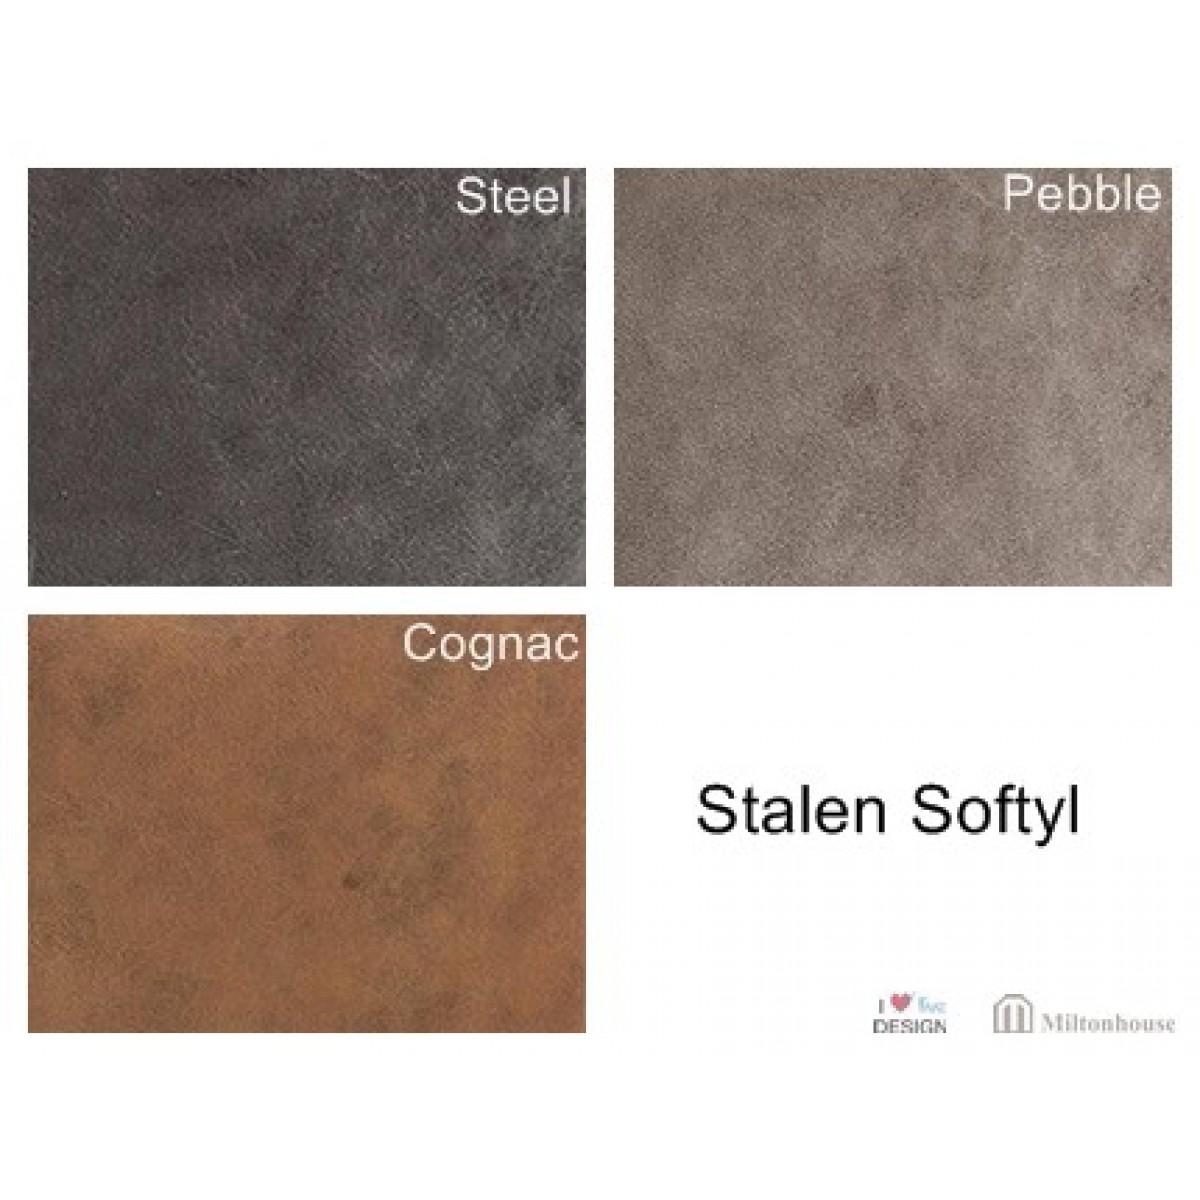 stofstalen-softyl-cognac-pebble-steel